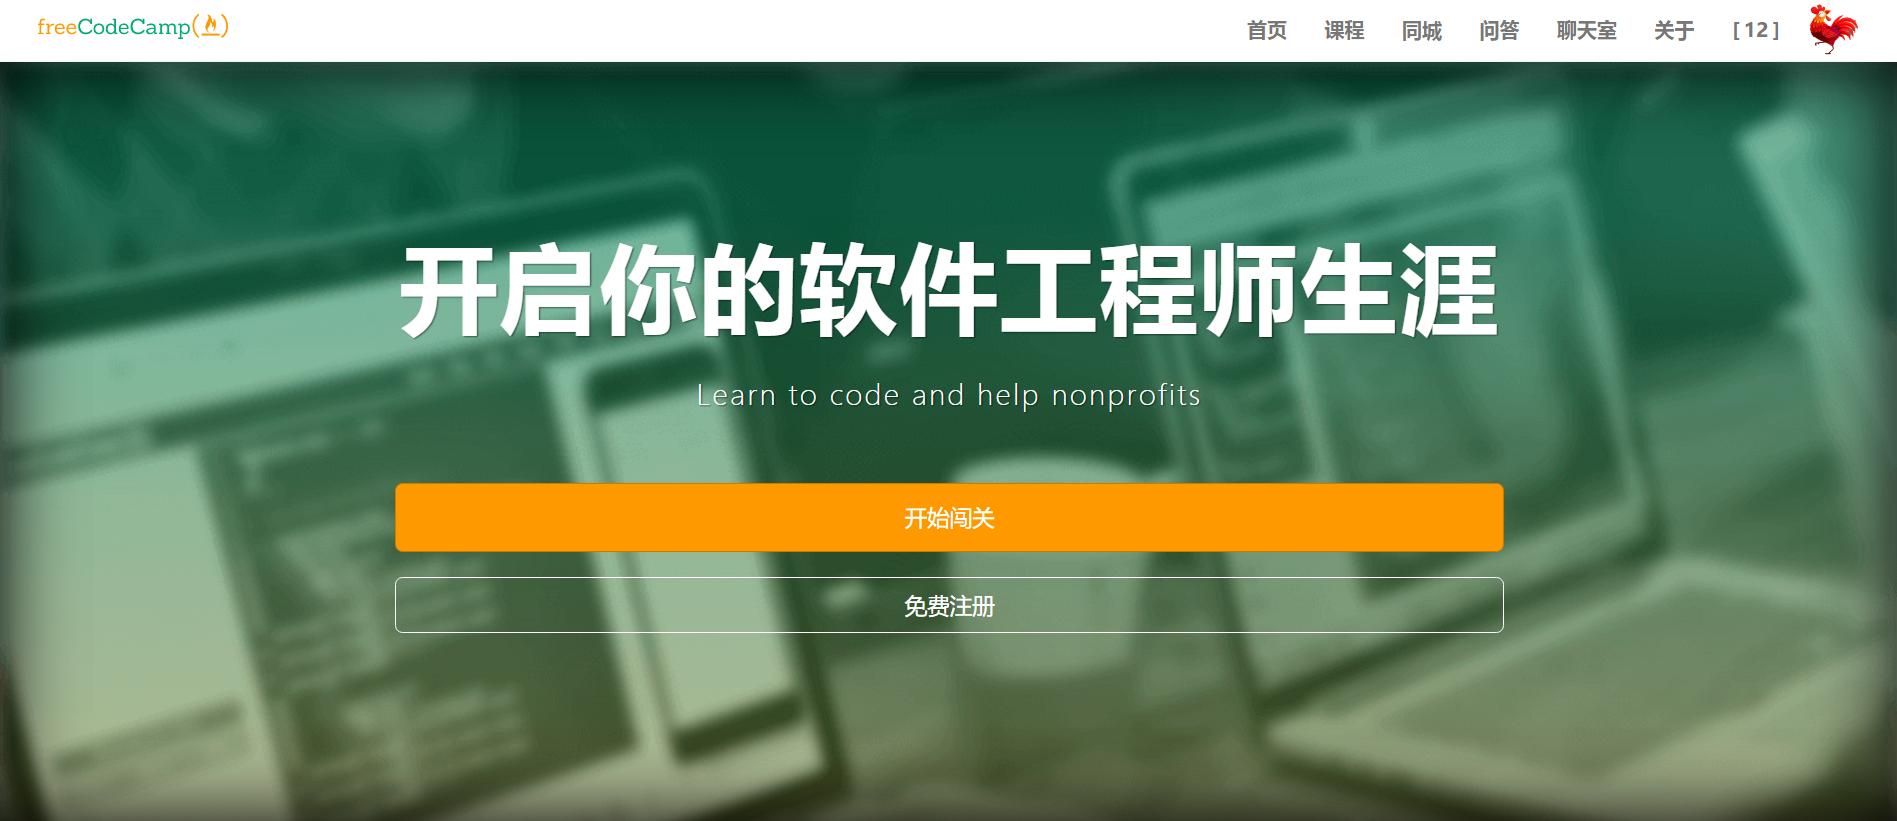 推荐一个前端学习的一个网站,非常适合入门和强化